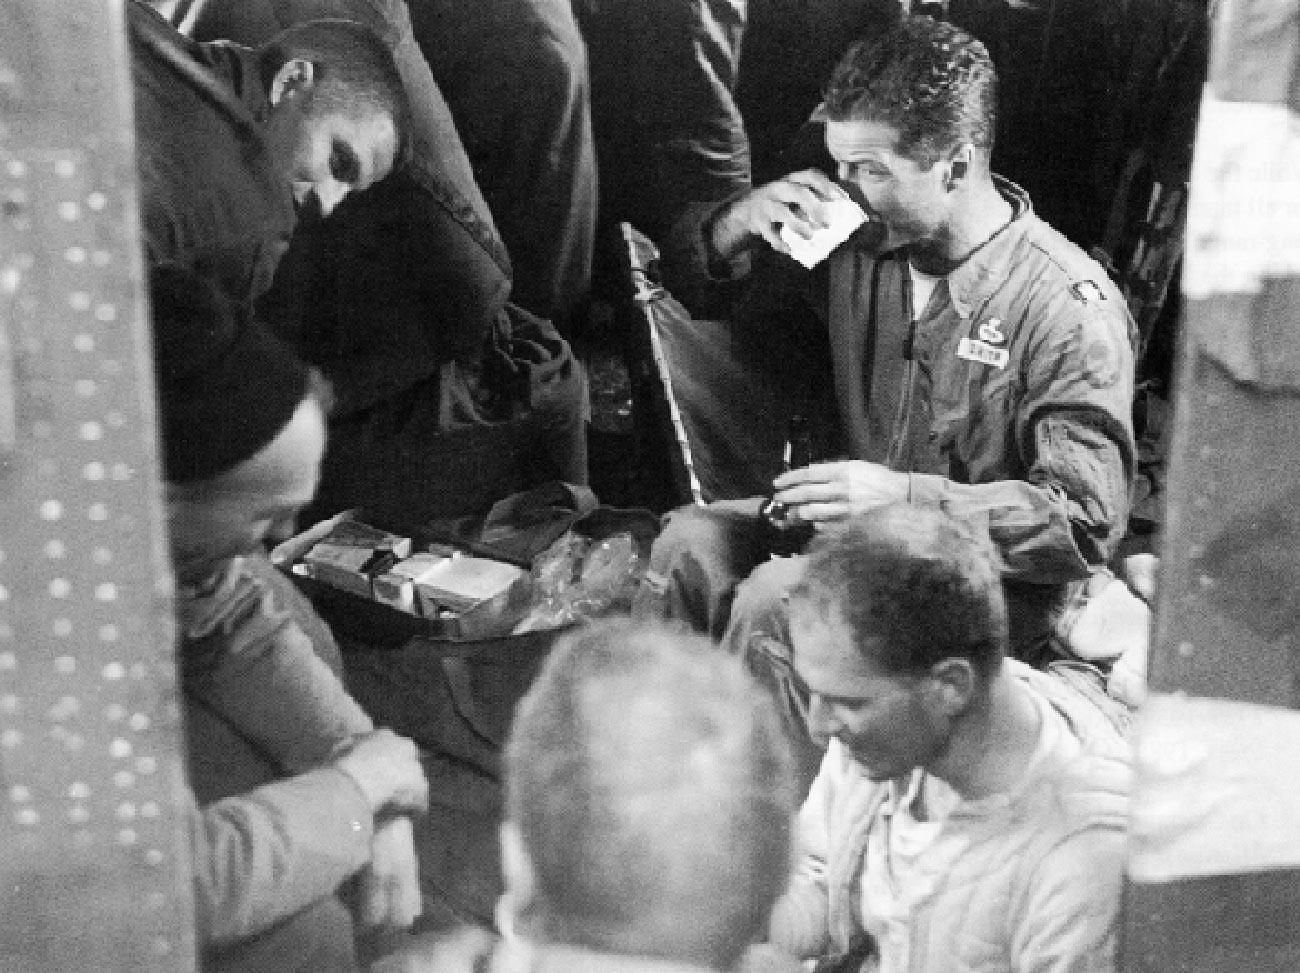 Участники операции после успешного подъёма экспертов на борт Б-17:  майор Смит (с кружкой) и лейтенант Ле-Шэк (справа внизу).